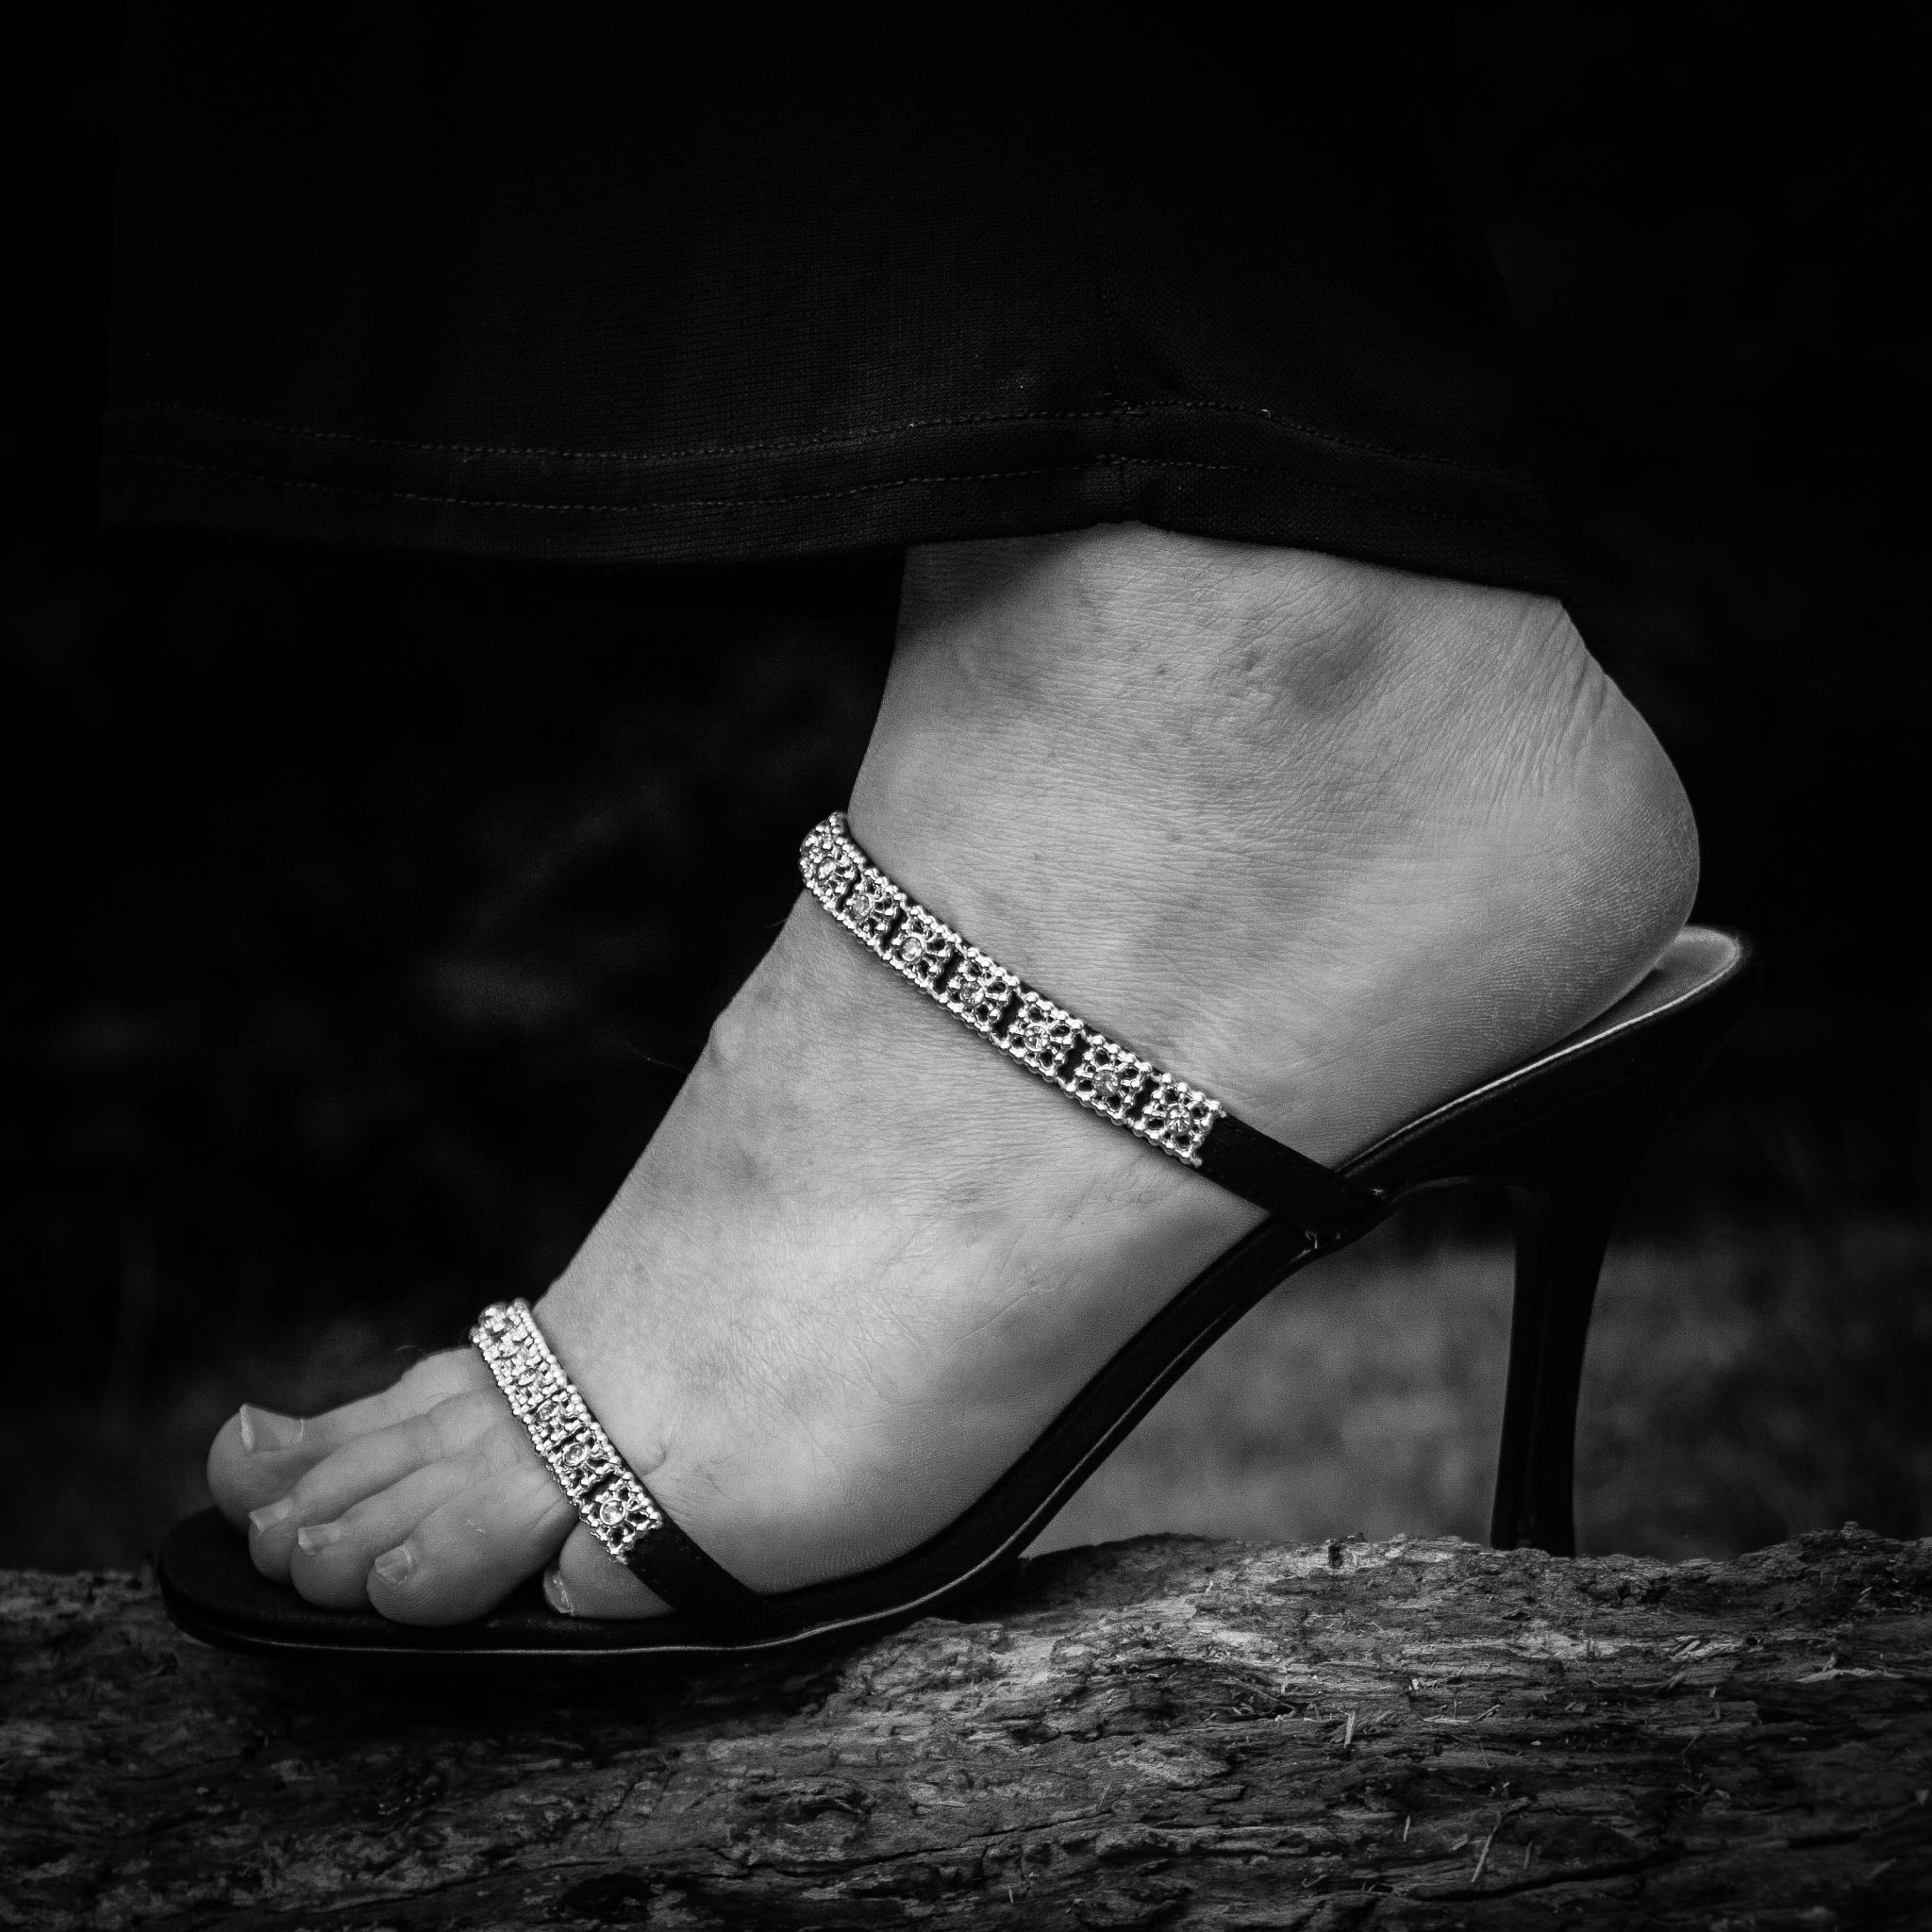 Stiletto  by wiblinderek